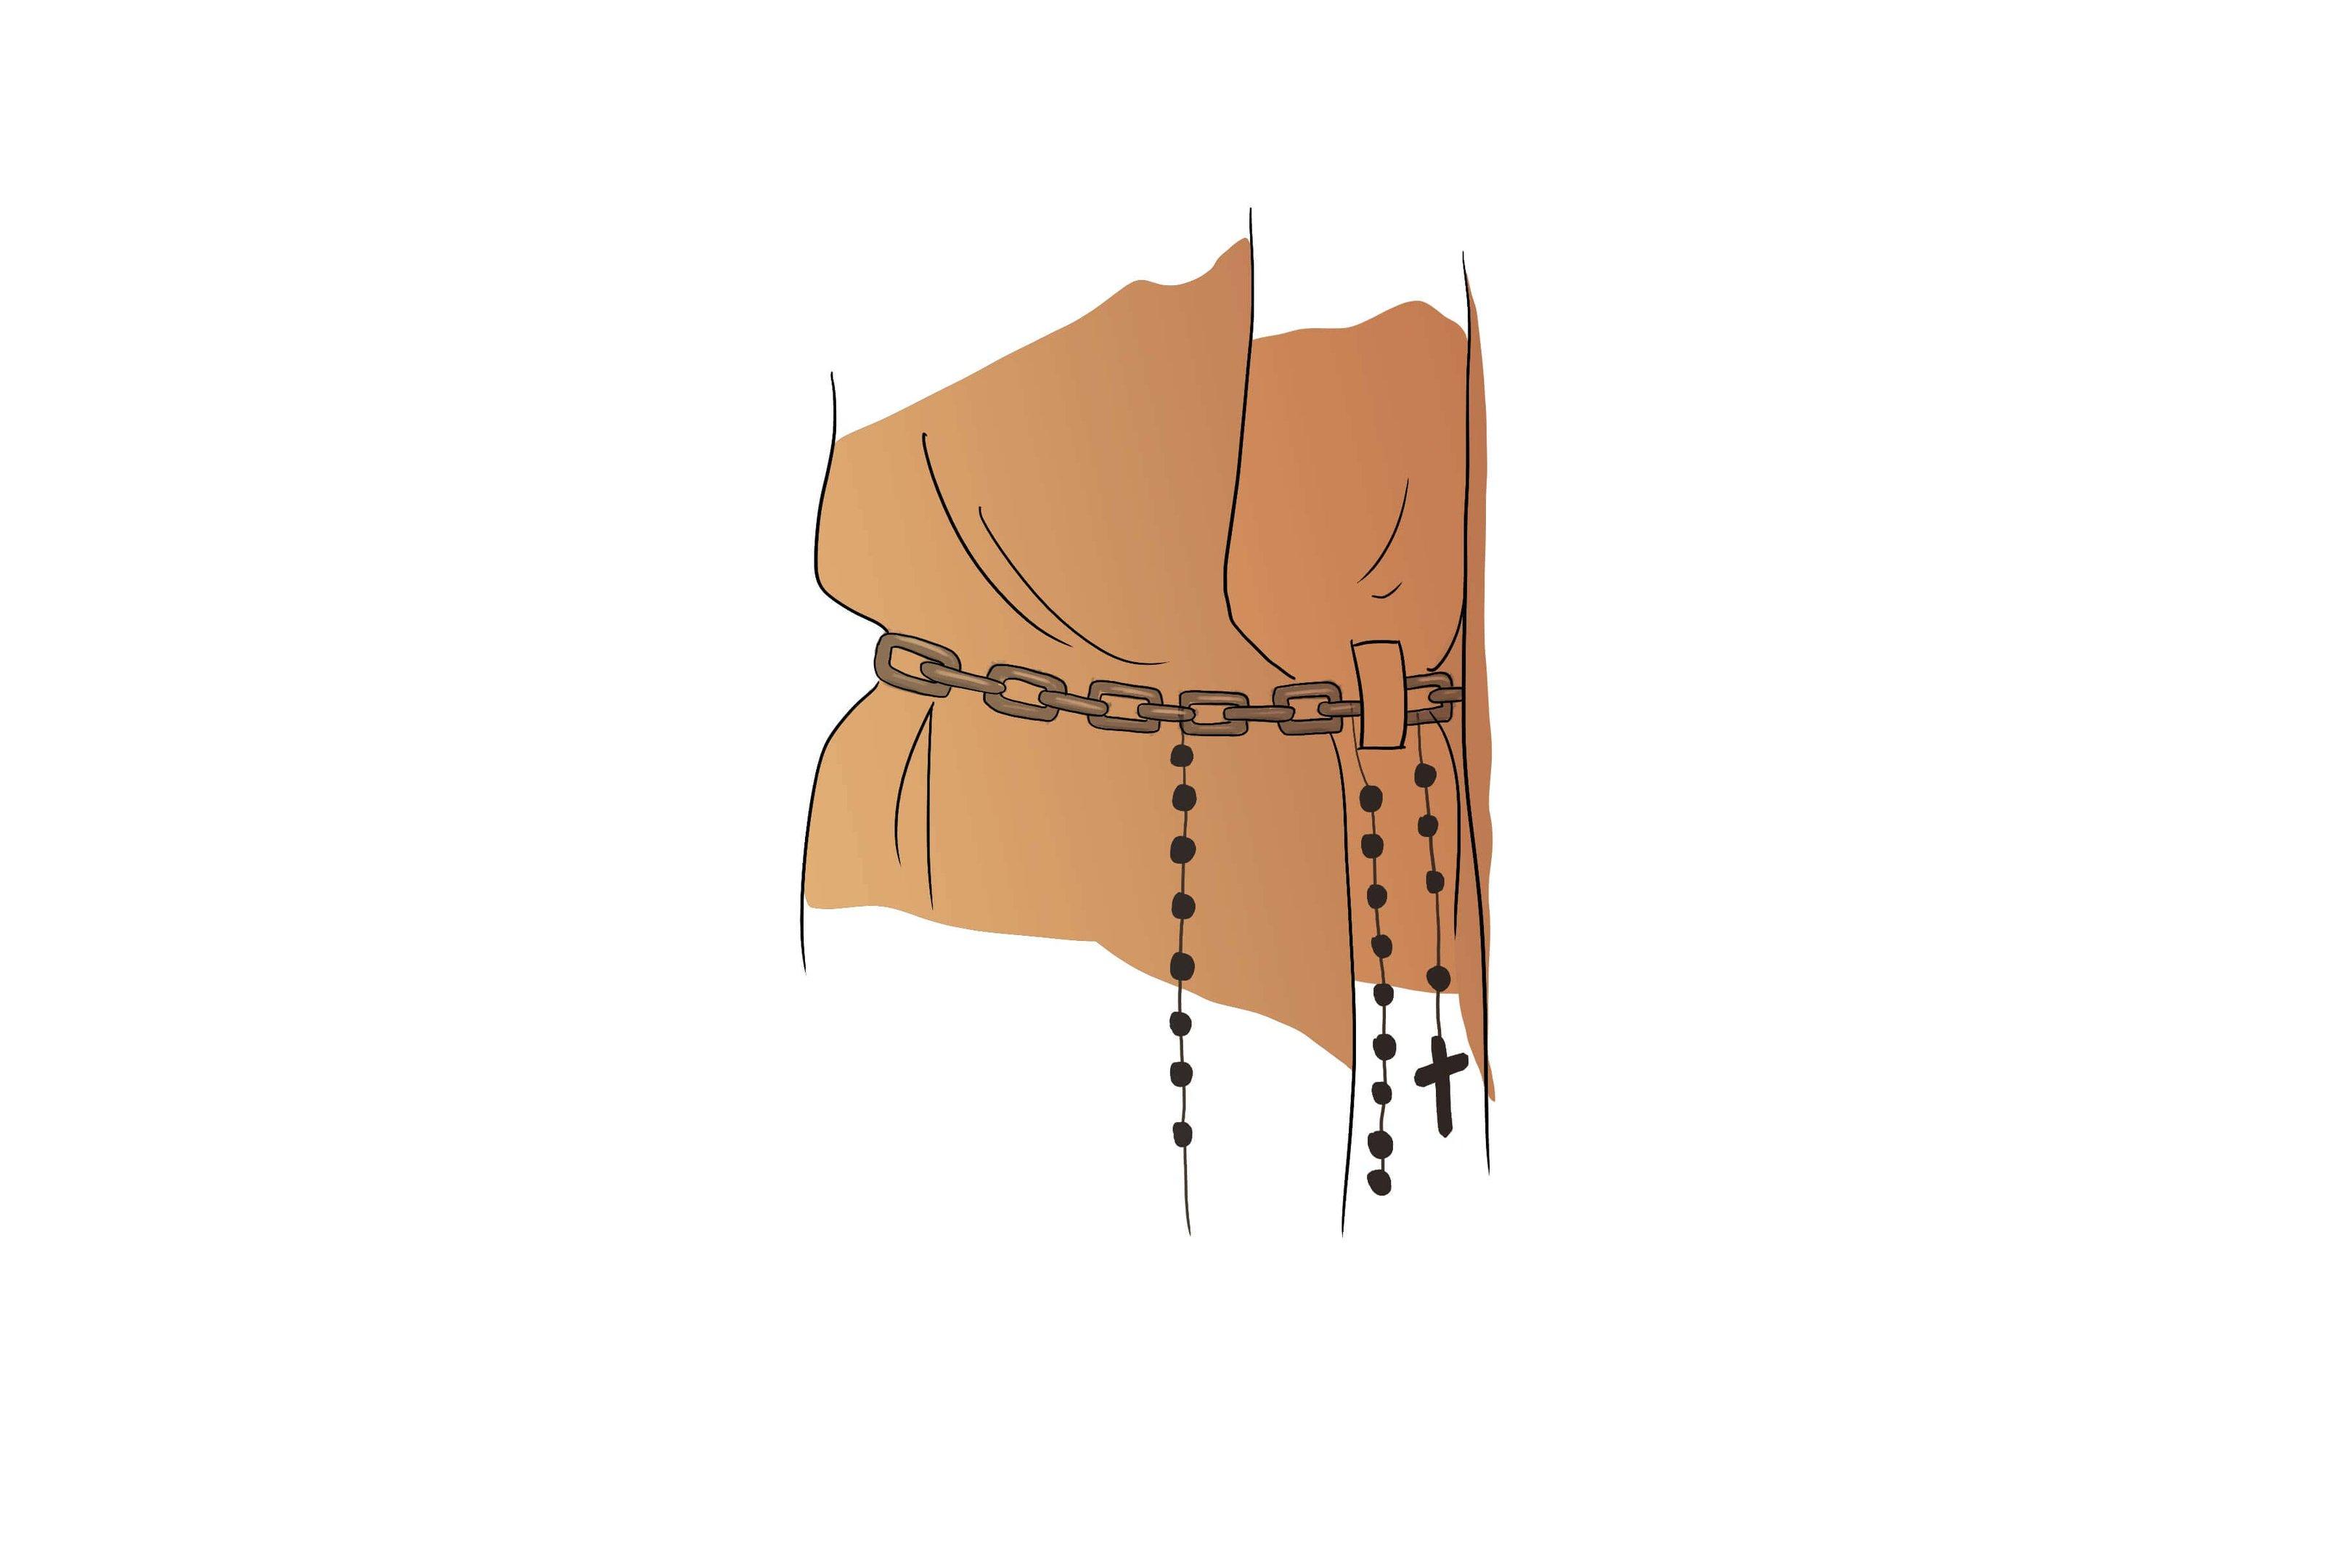 A corrente de aço na cintura simboliza submissão e devoção. O capuz, presente apenas nos hábitos dos clérigos e leigos consagrados, é o símbolo da vida contemplativa